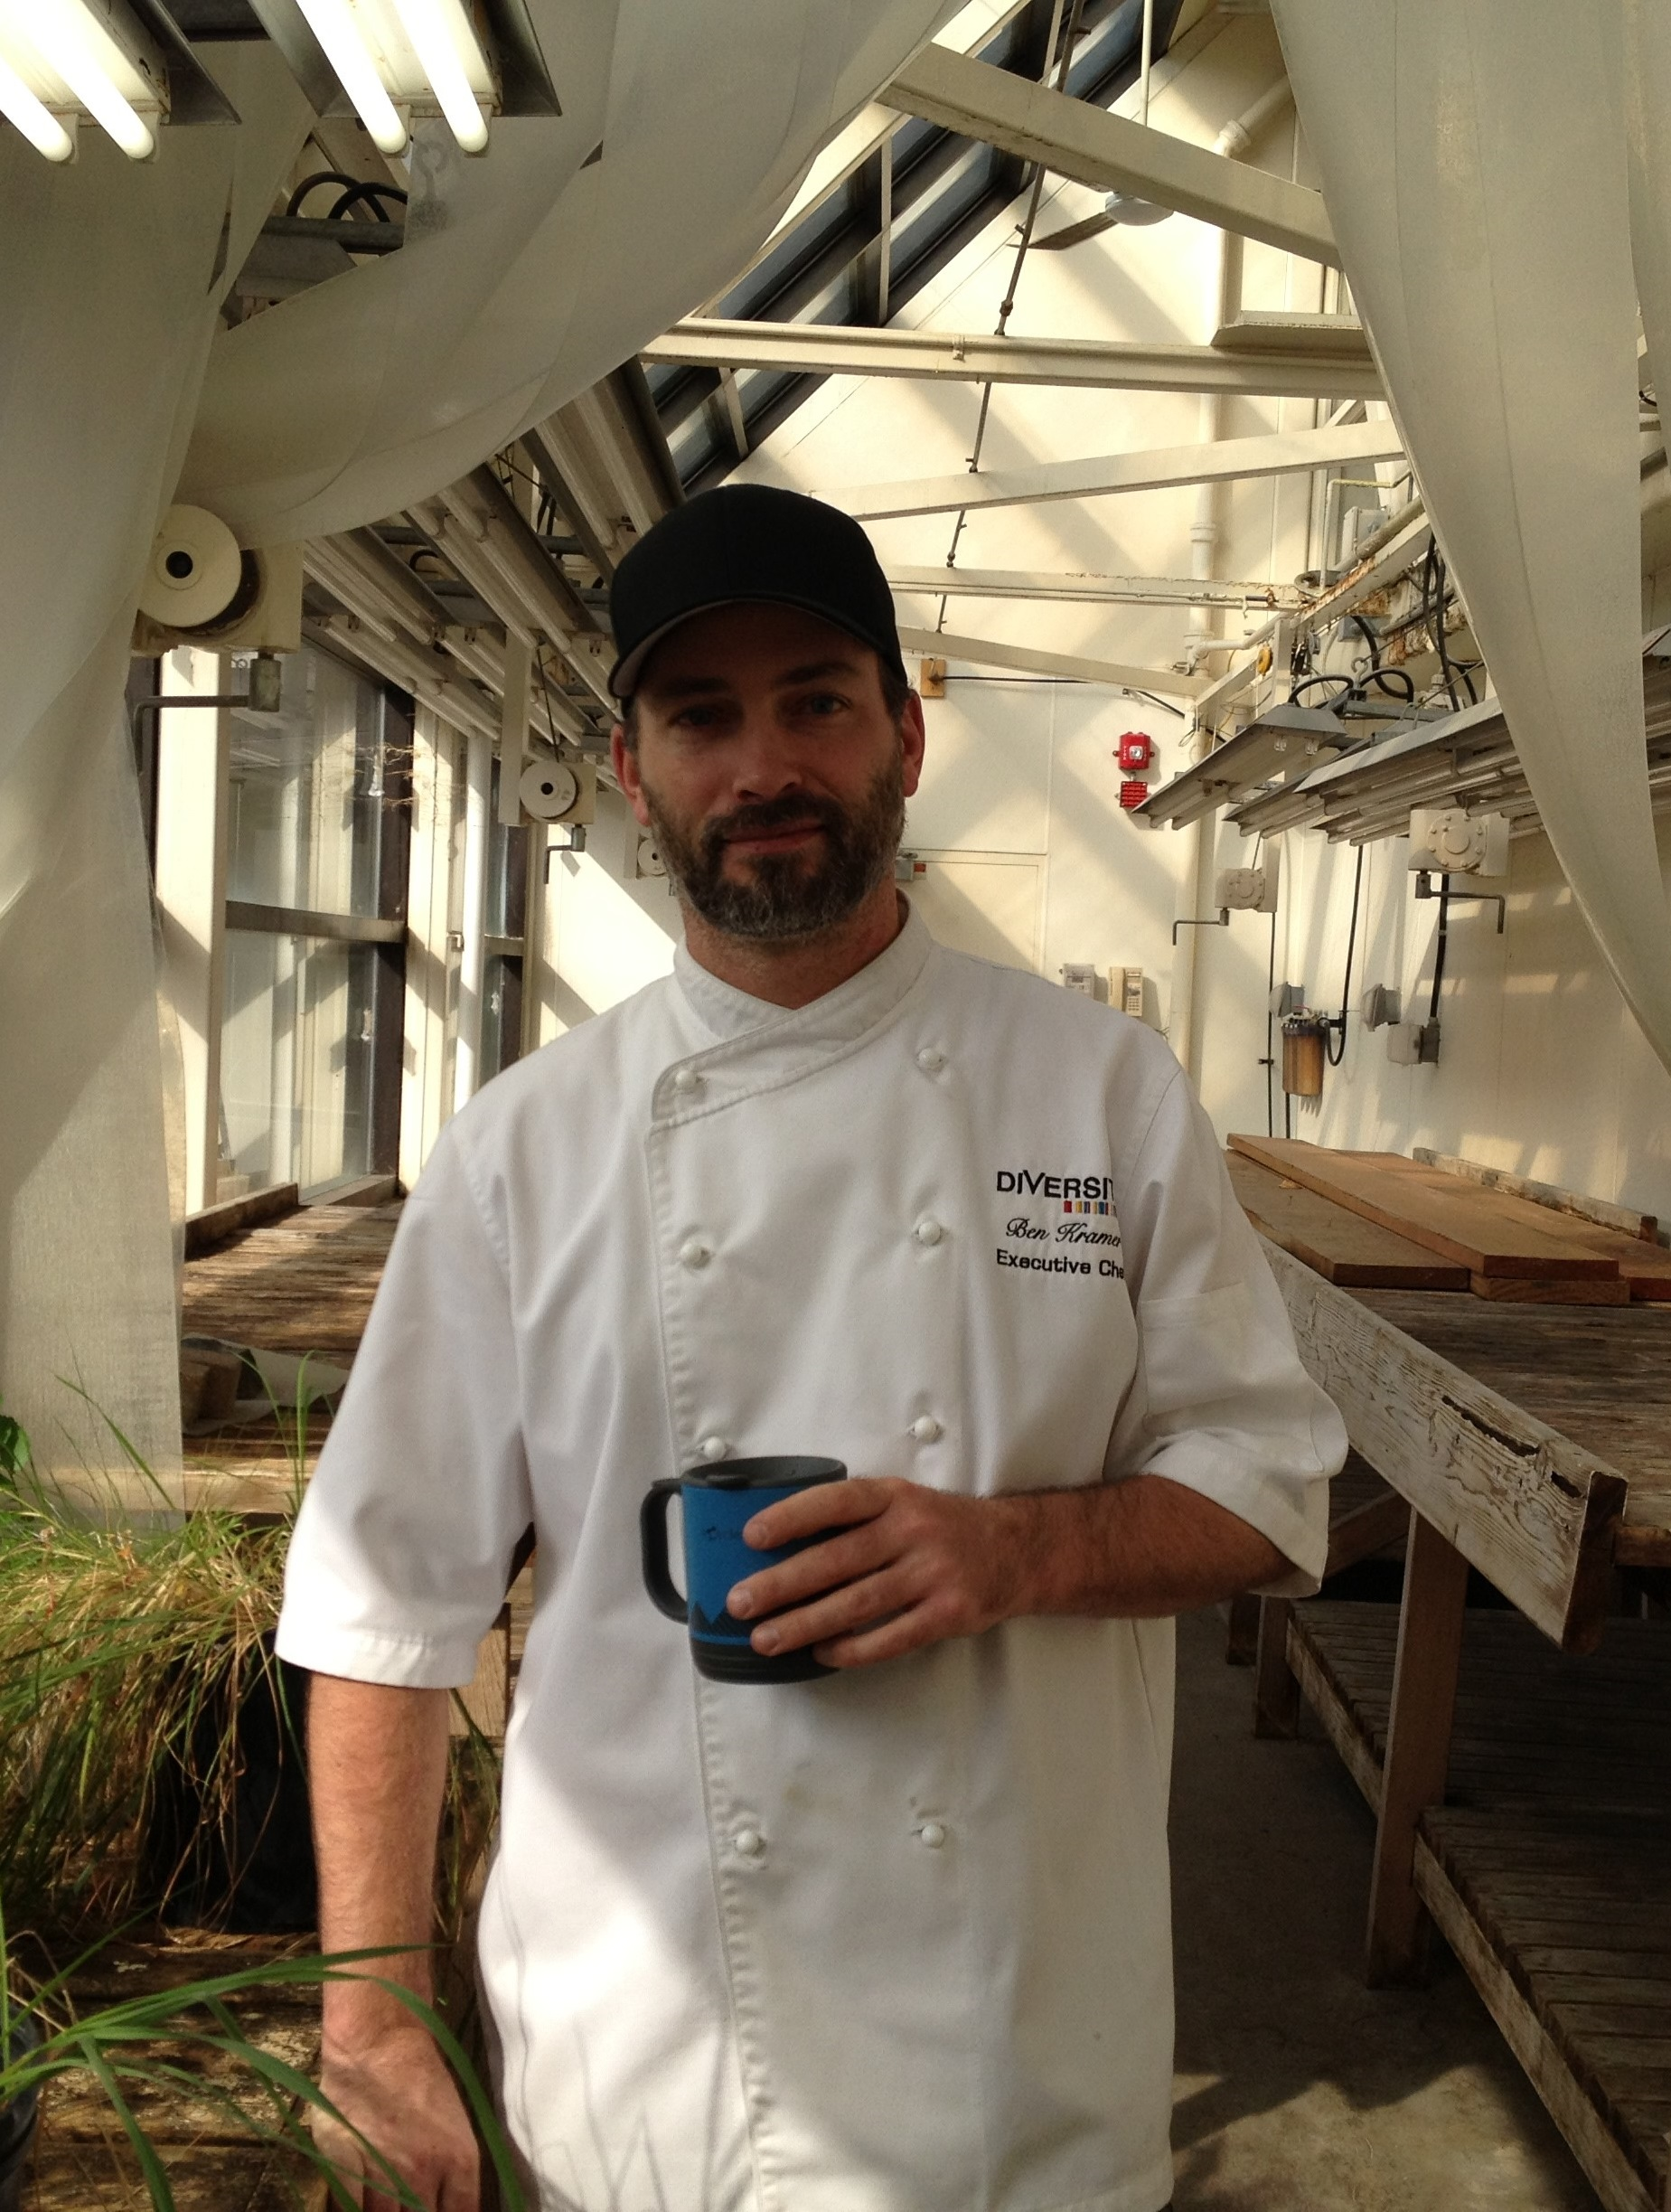 Chef Ben Kramer